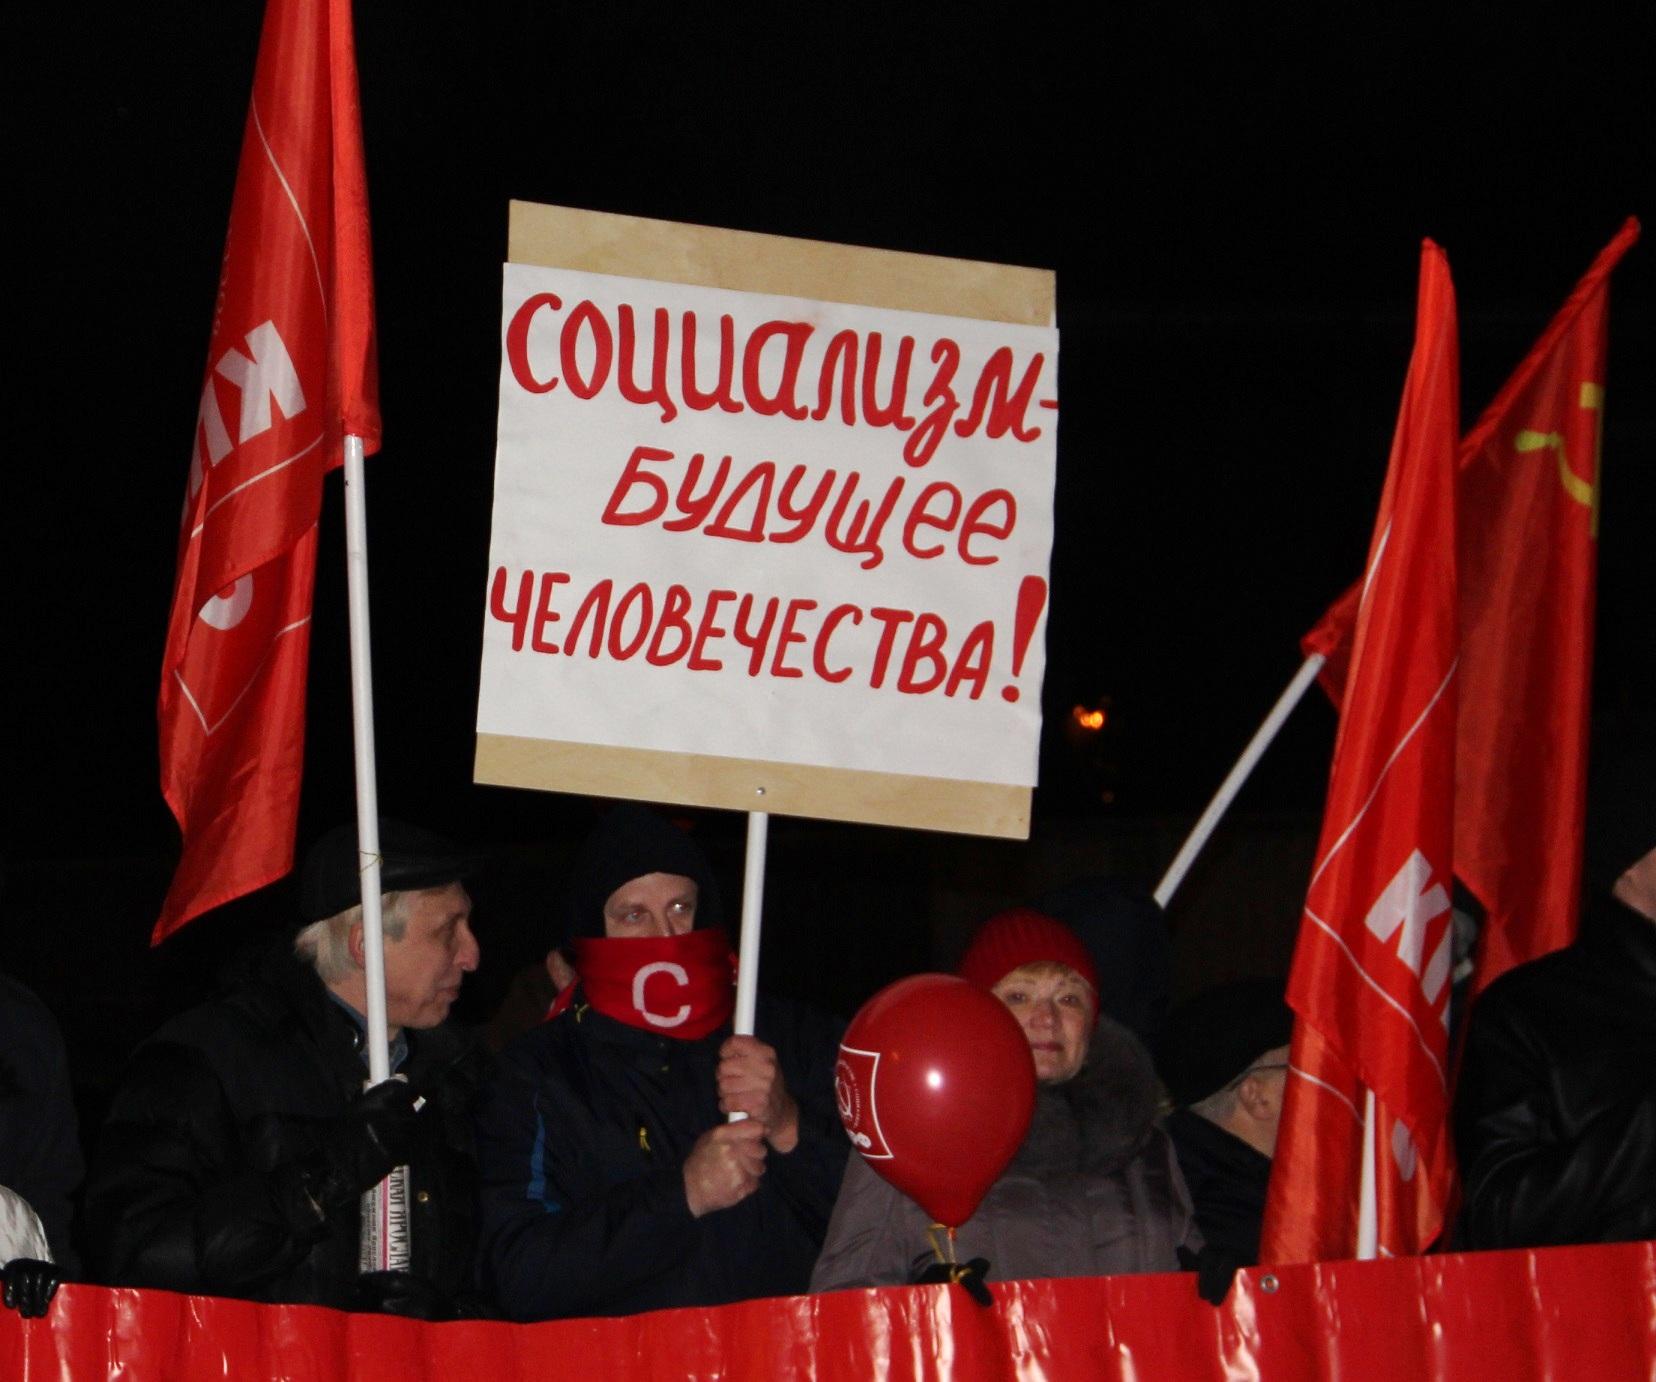 Резолюция митинга, посвящённого 102-й годовщине Великой Октябрьской социалистической революции